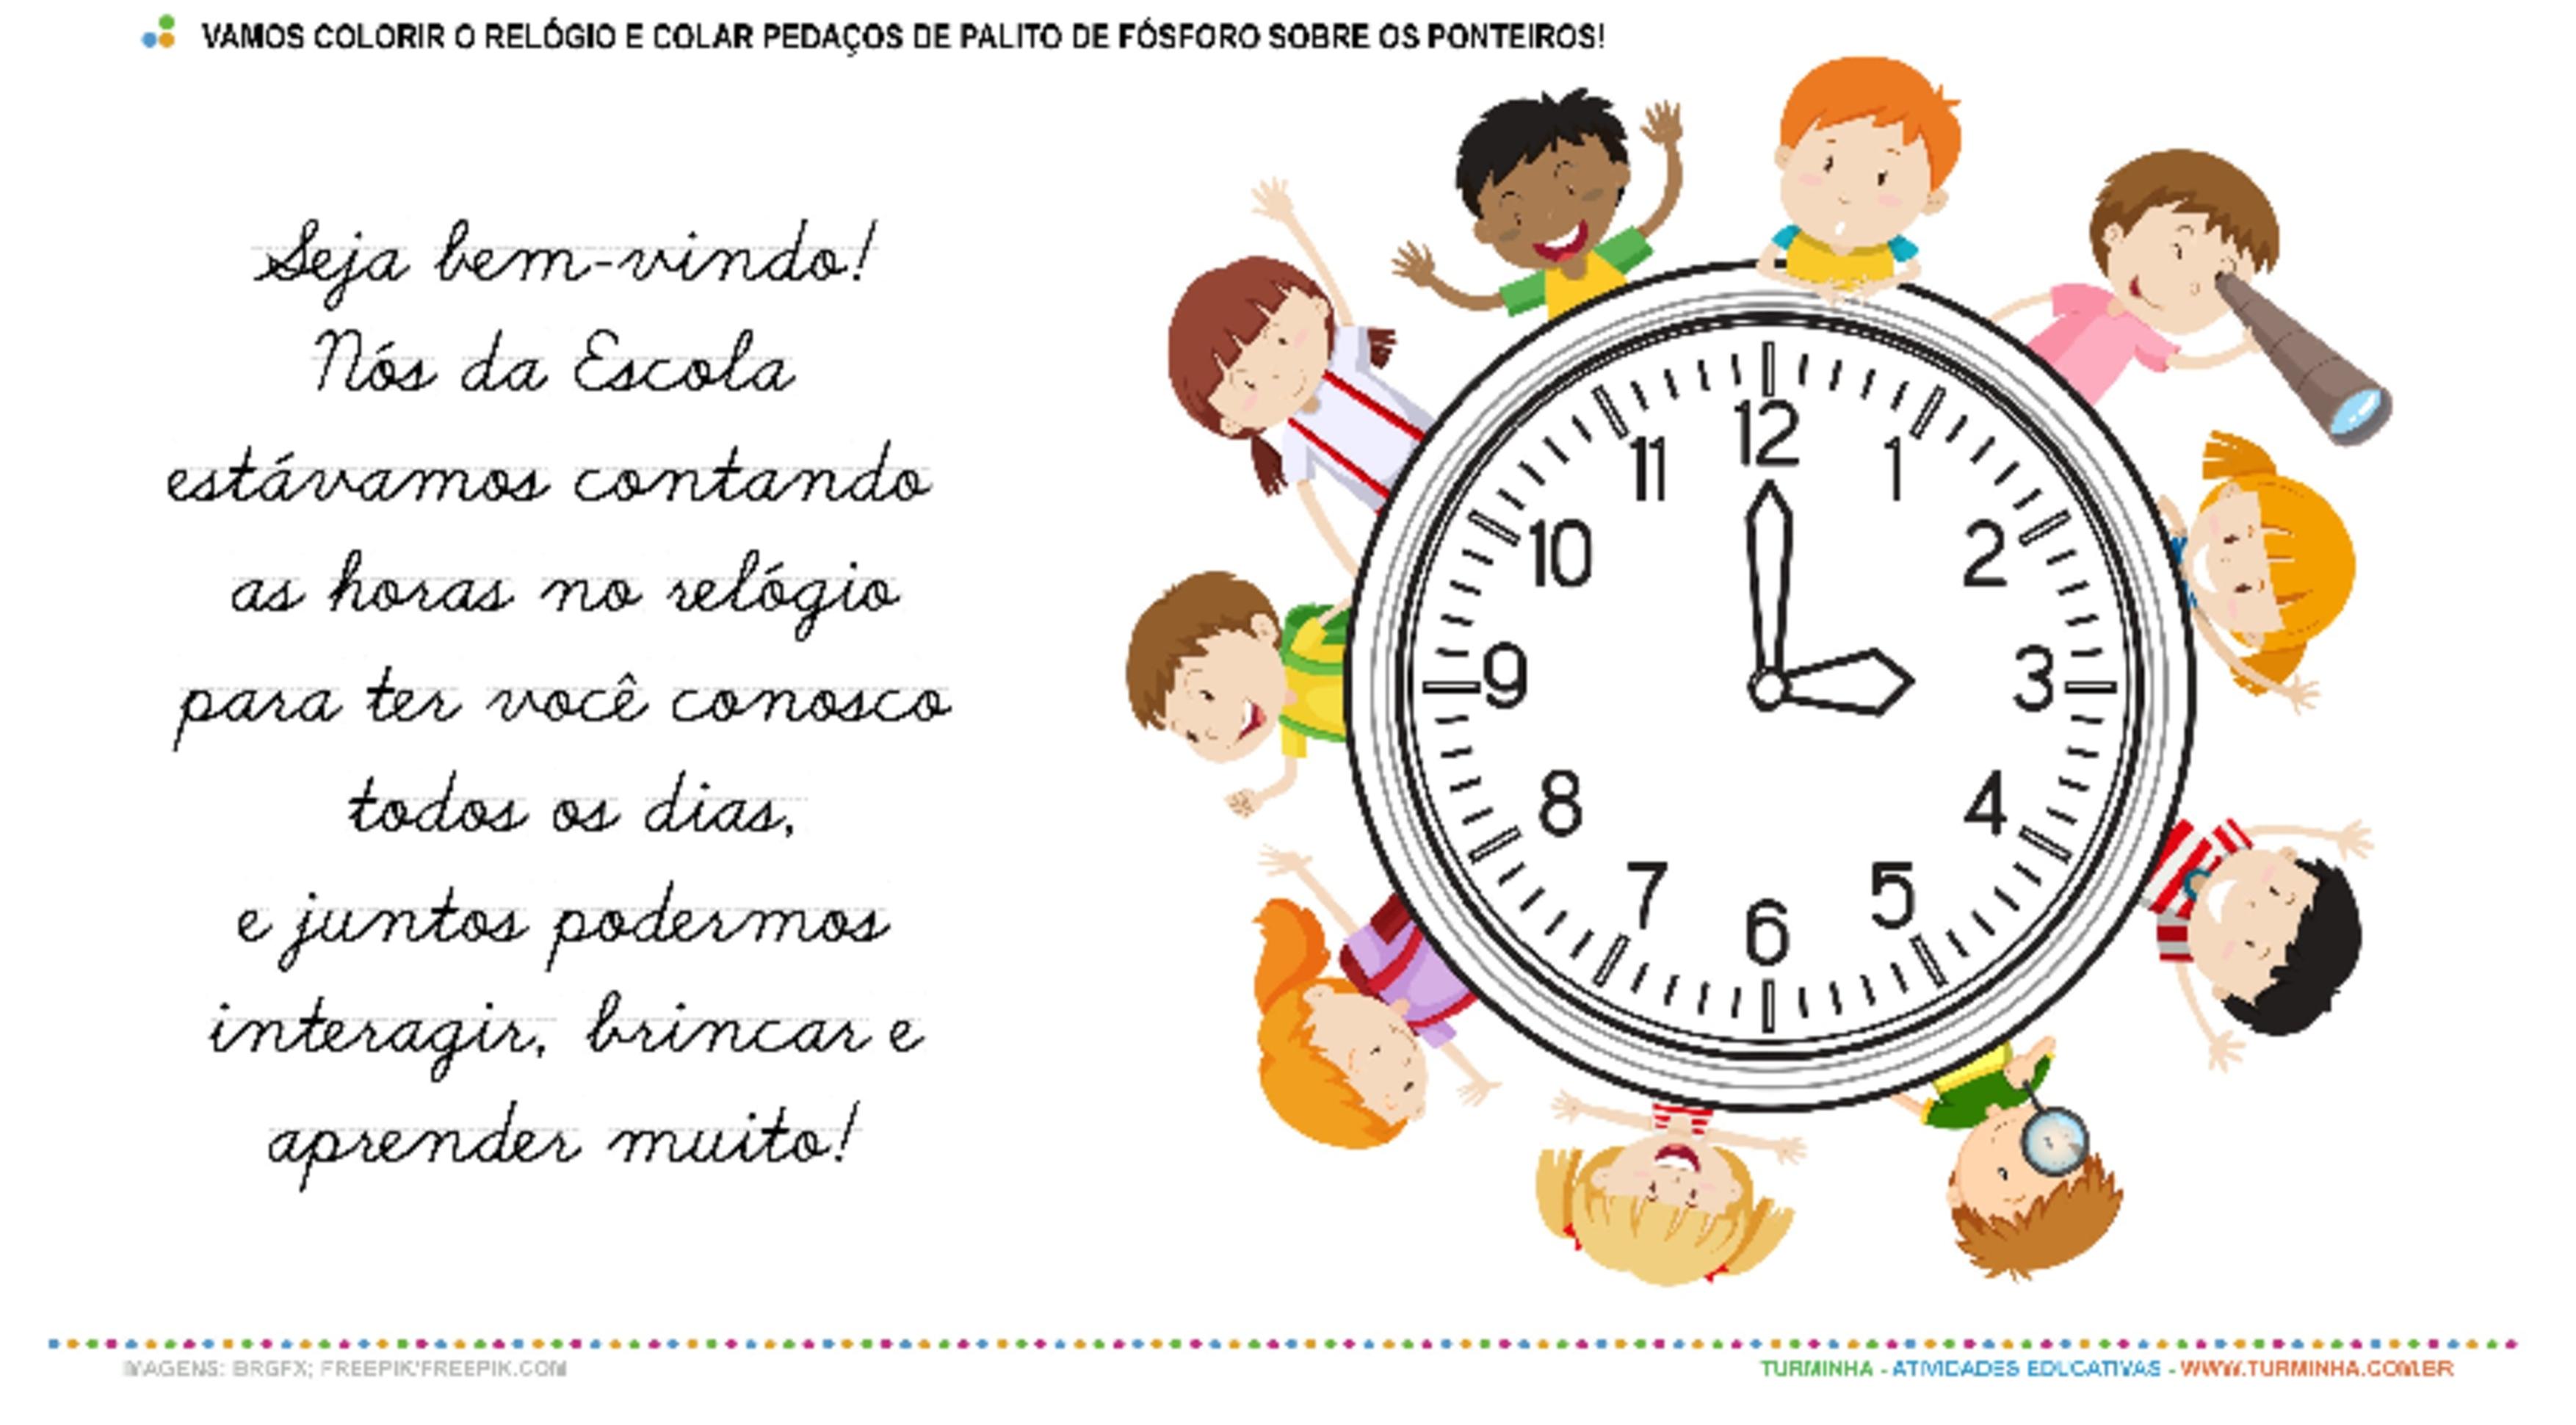 Contando as horas para a Volta às Aulas - Pintura e Colagem - atividade educativa para Pré-Escola (4 e 5 anos)